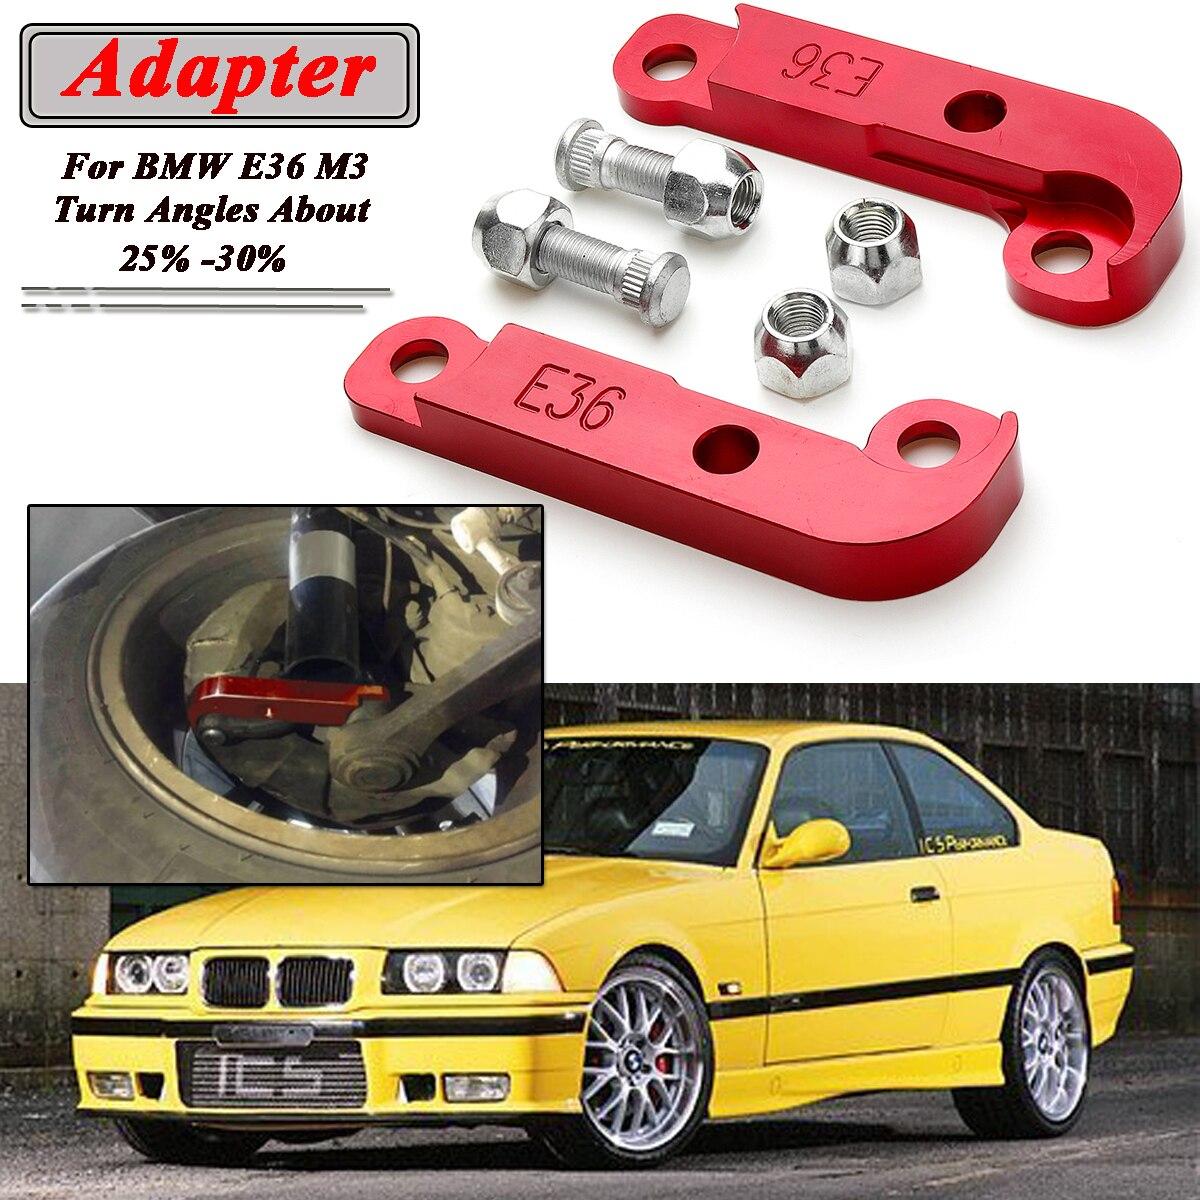 2x Rouge/Noir Adaptateur L'augmentation de Turn Angle Environ 25%-30% Dérive Serrure Kit Pour BMW E36 M3 Tuning dérive Adaptateurs et De Montage